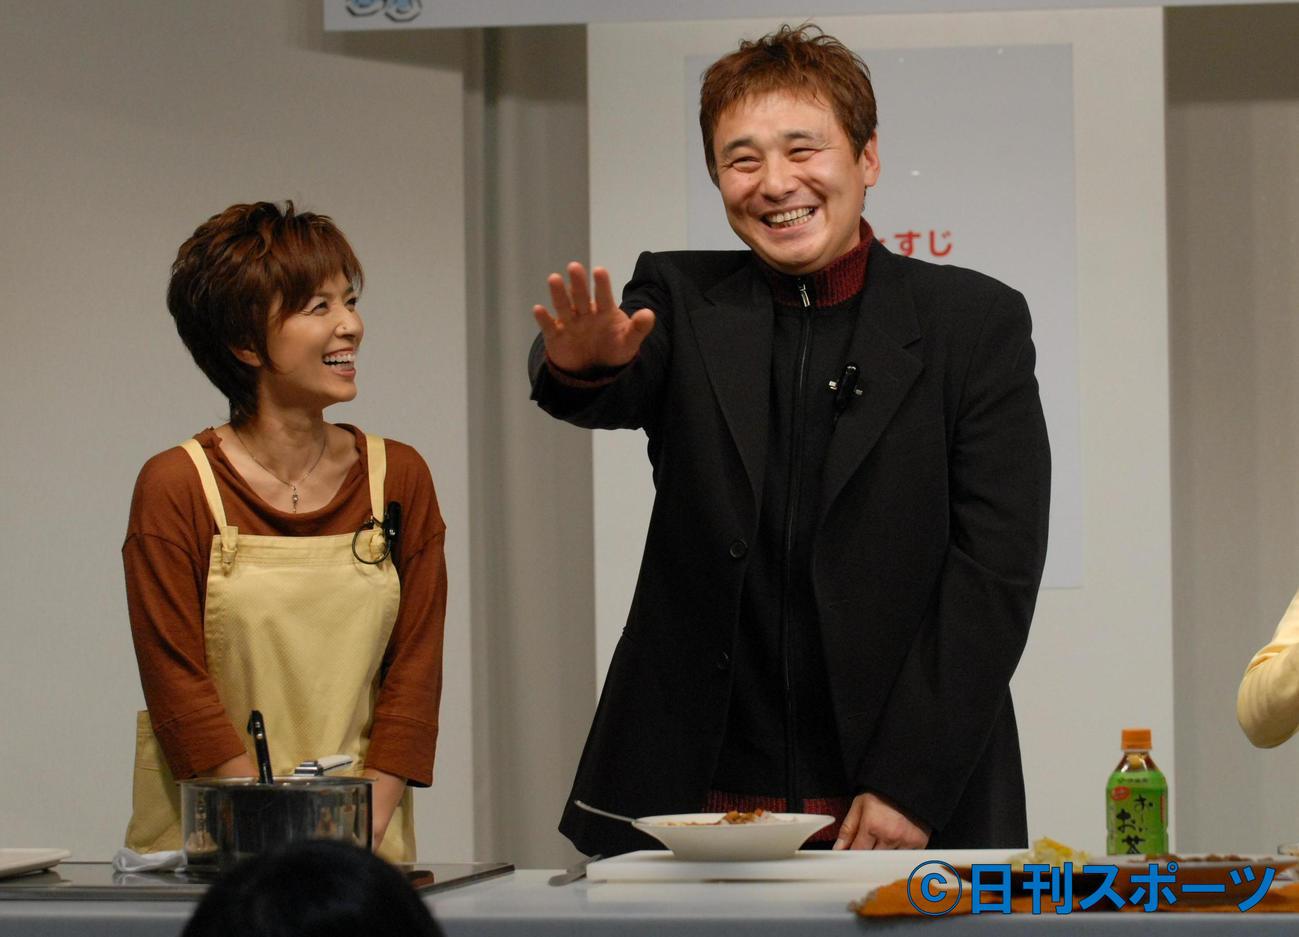 20年ぶりのツーショットとなった榊原郁恵(左)と渡辺徹(07年撮影)